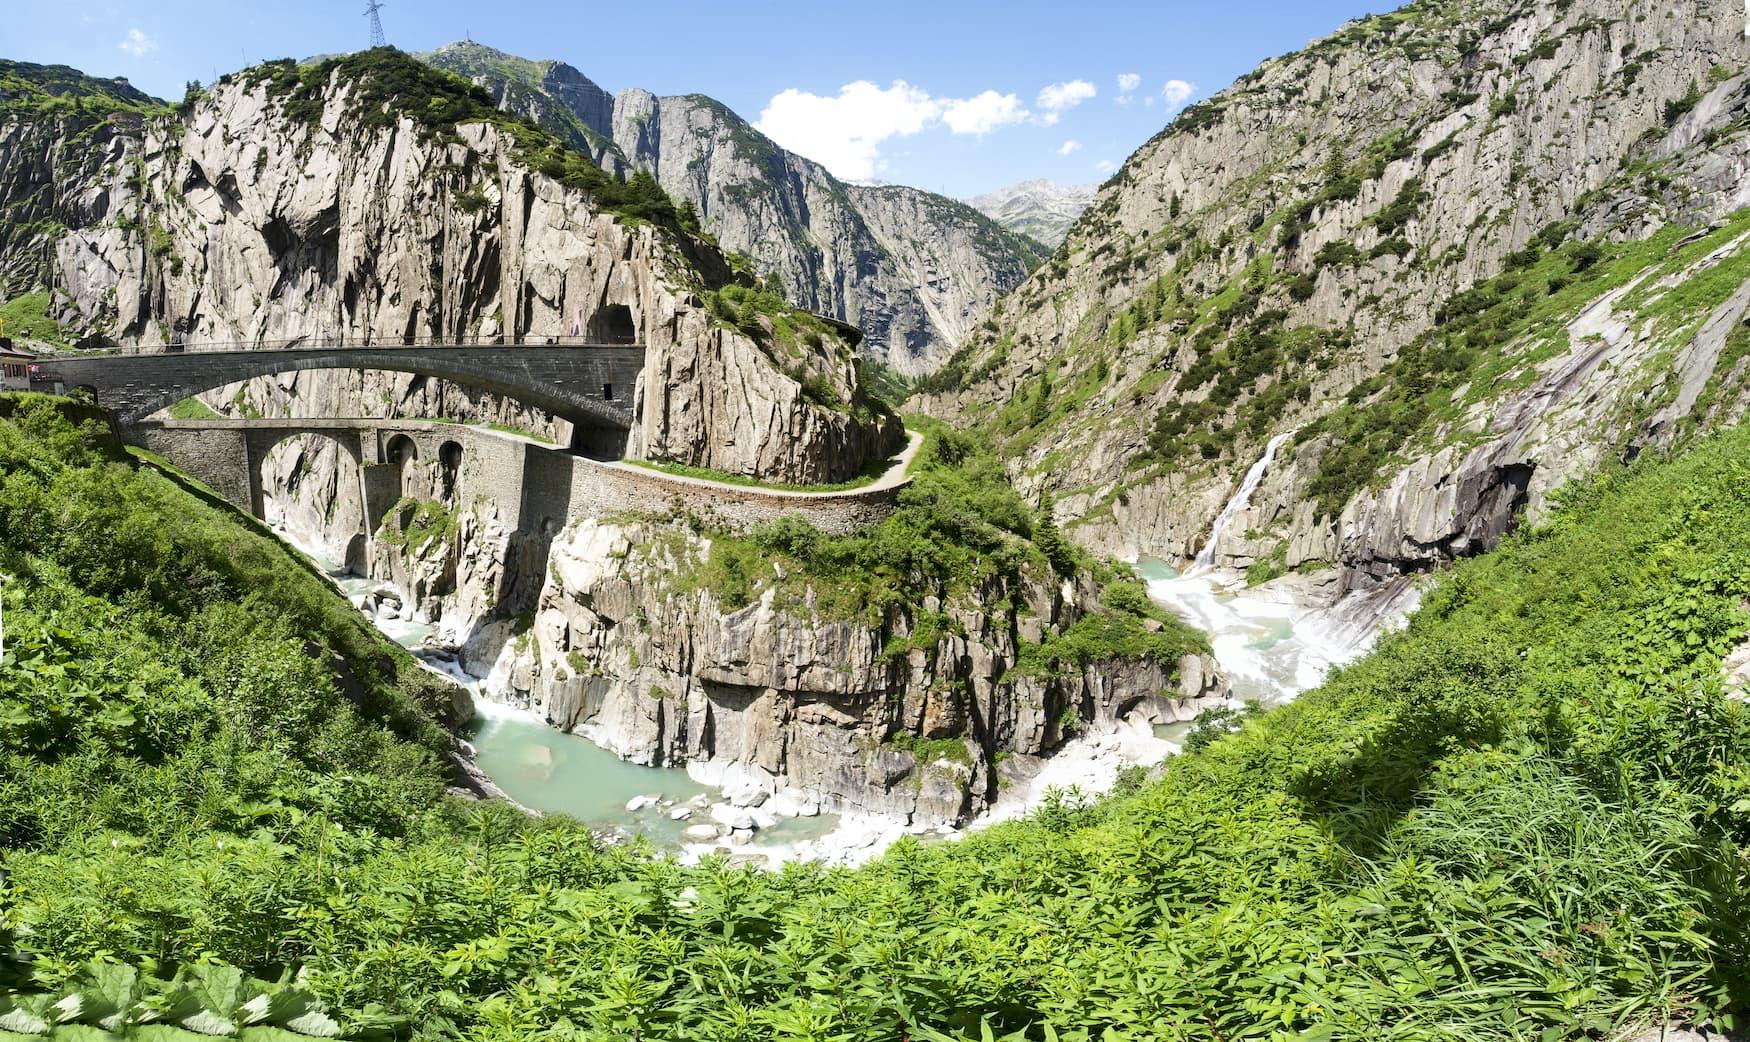 Gorge Schoellenen, wo der Fluss Reuss und die Teufelsbruecke fließen